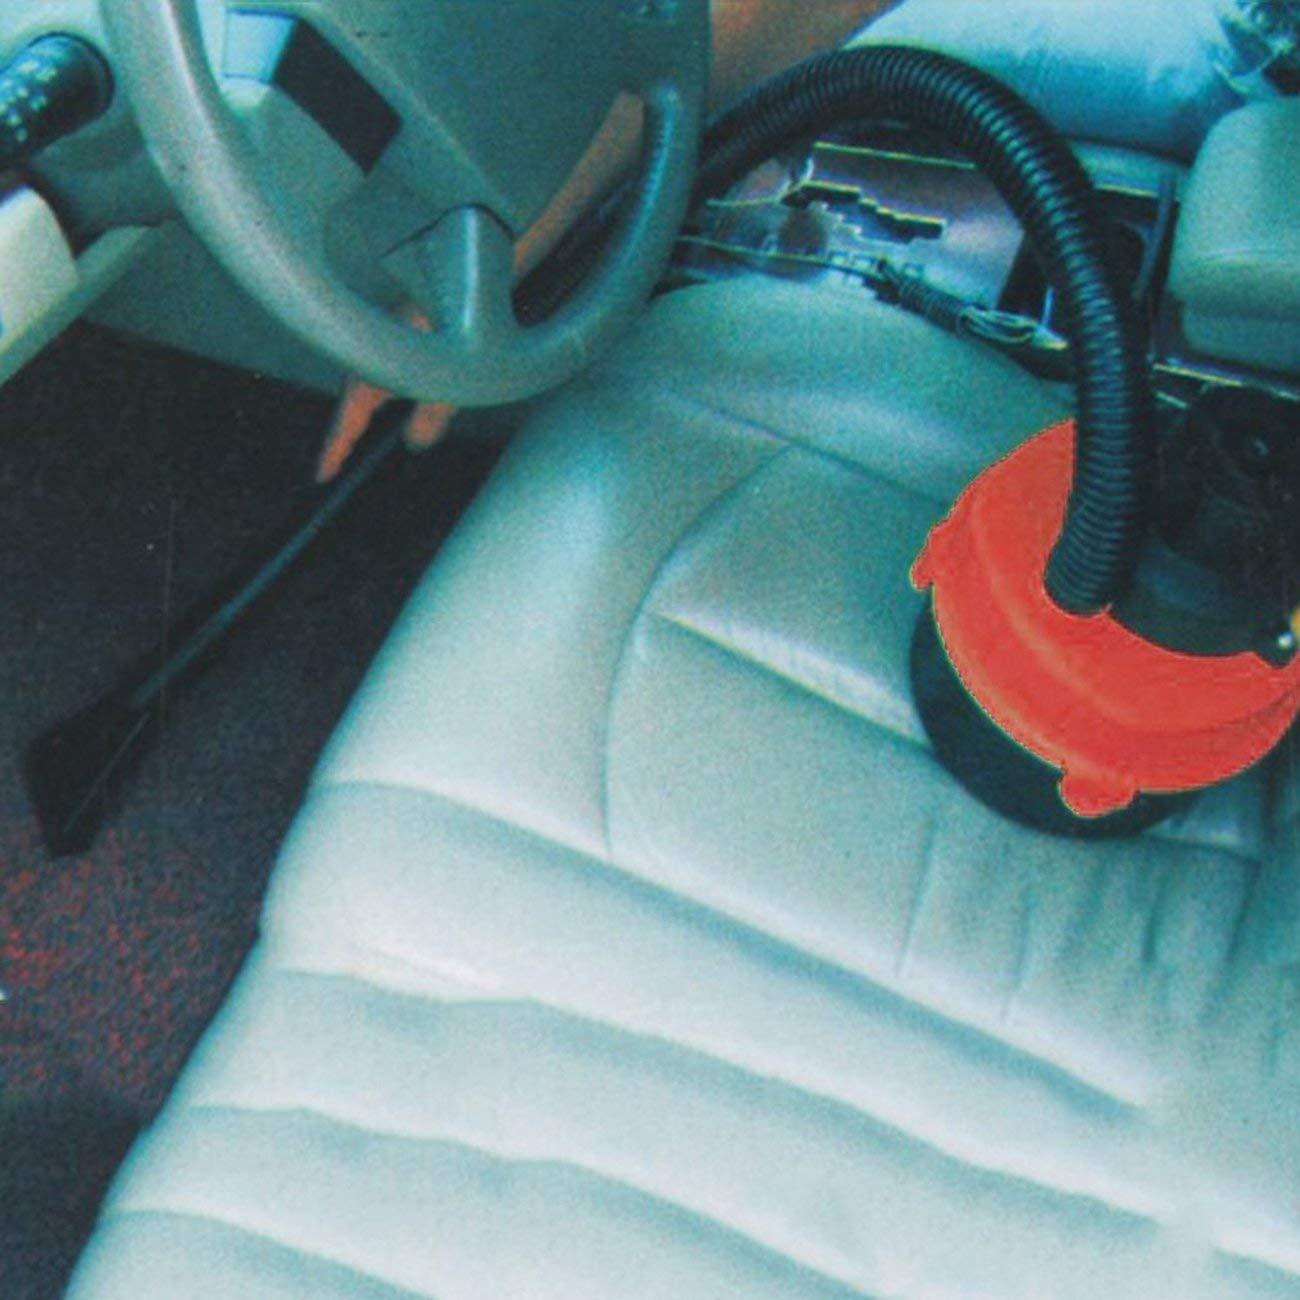 black /& red Kompakte Gr/ö/ße Dual-Use-Leistungsf/ähiger Mini Auto Auto-Staubsauger Wet//Dry DC 12 Volt einfach und stressfreien Reinigungsprozess